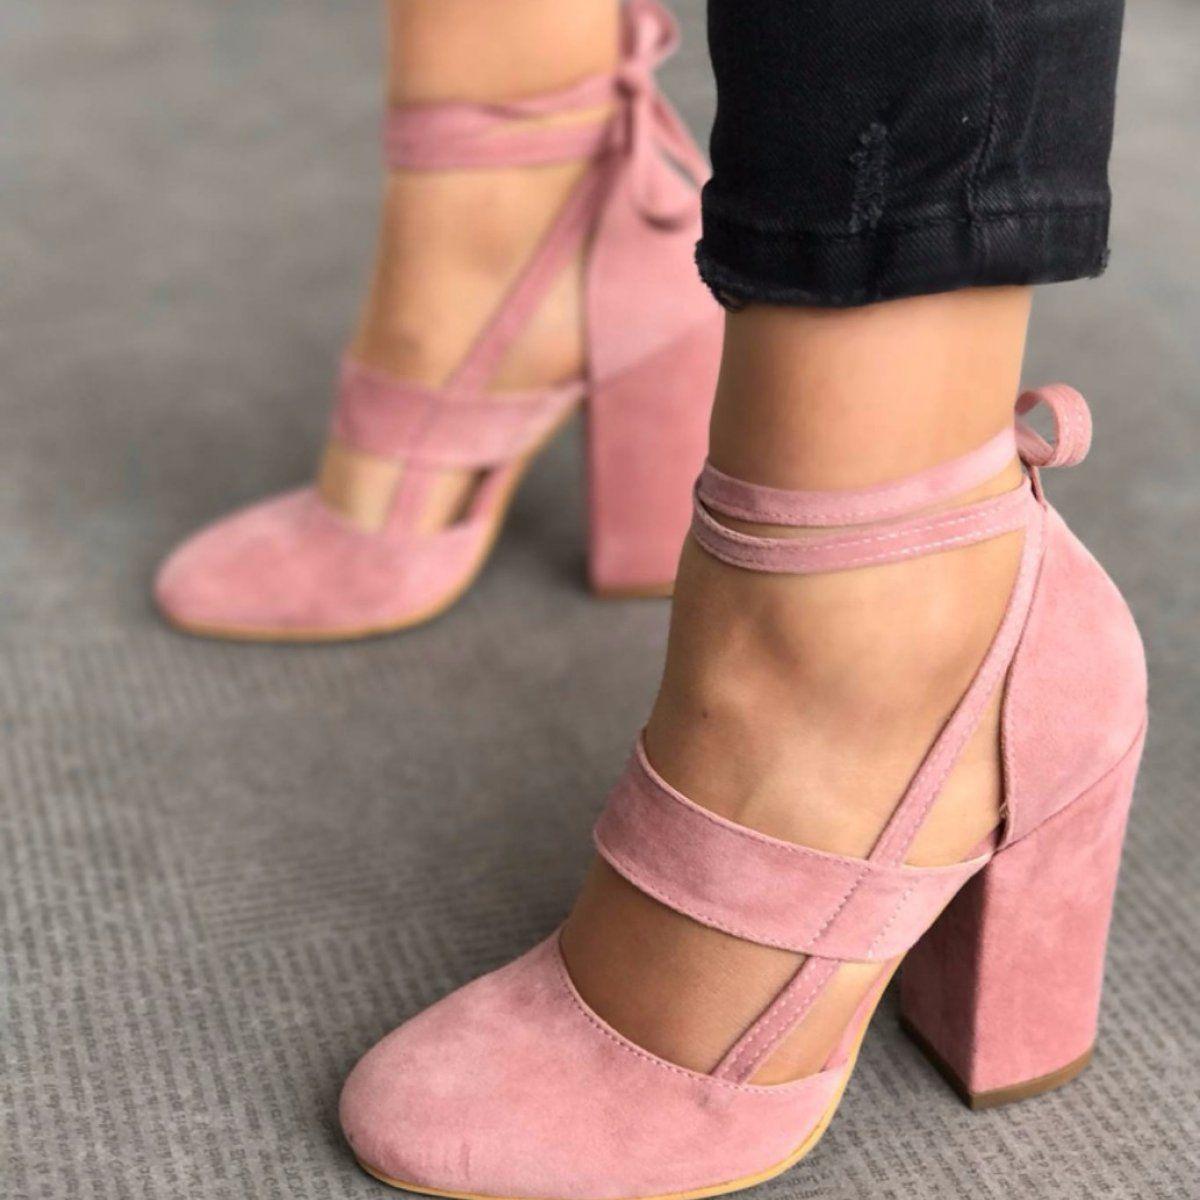 826385909341b Elvia Pudra Süet Topuklu Ayakkabı 2018-2019 I Love Shoes Yaz Sezonu Kadın  Ayakkabı Modeli